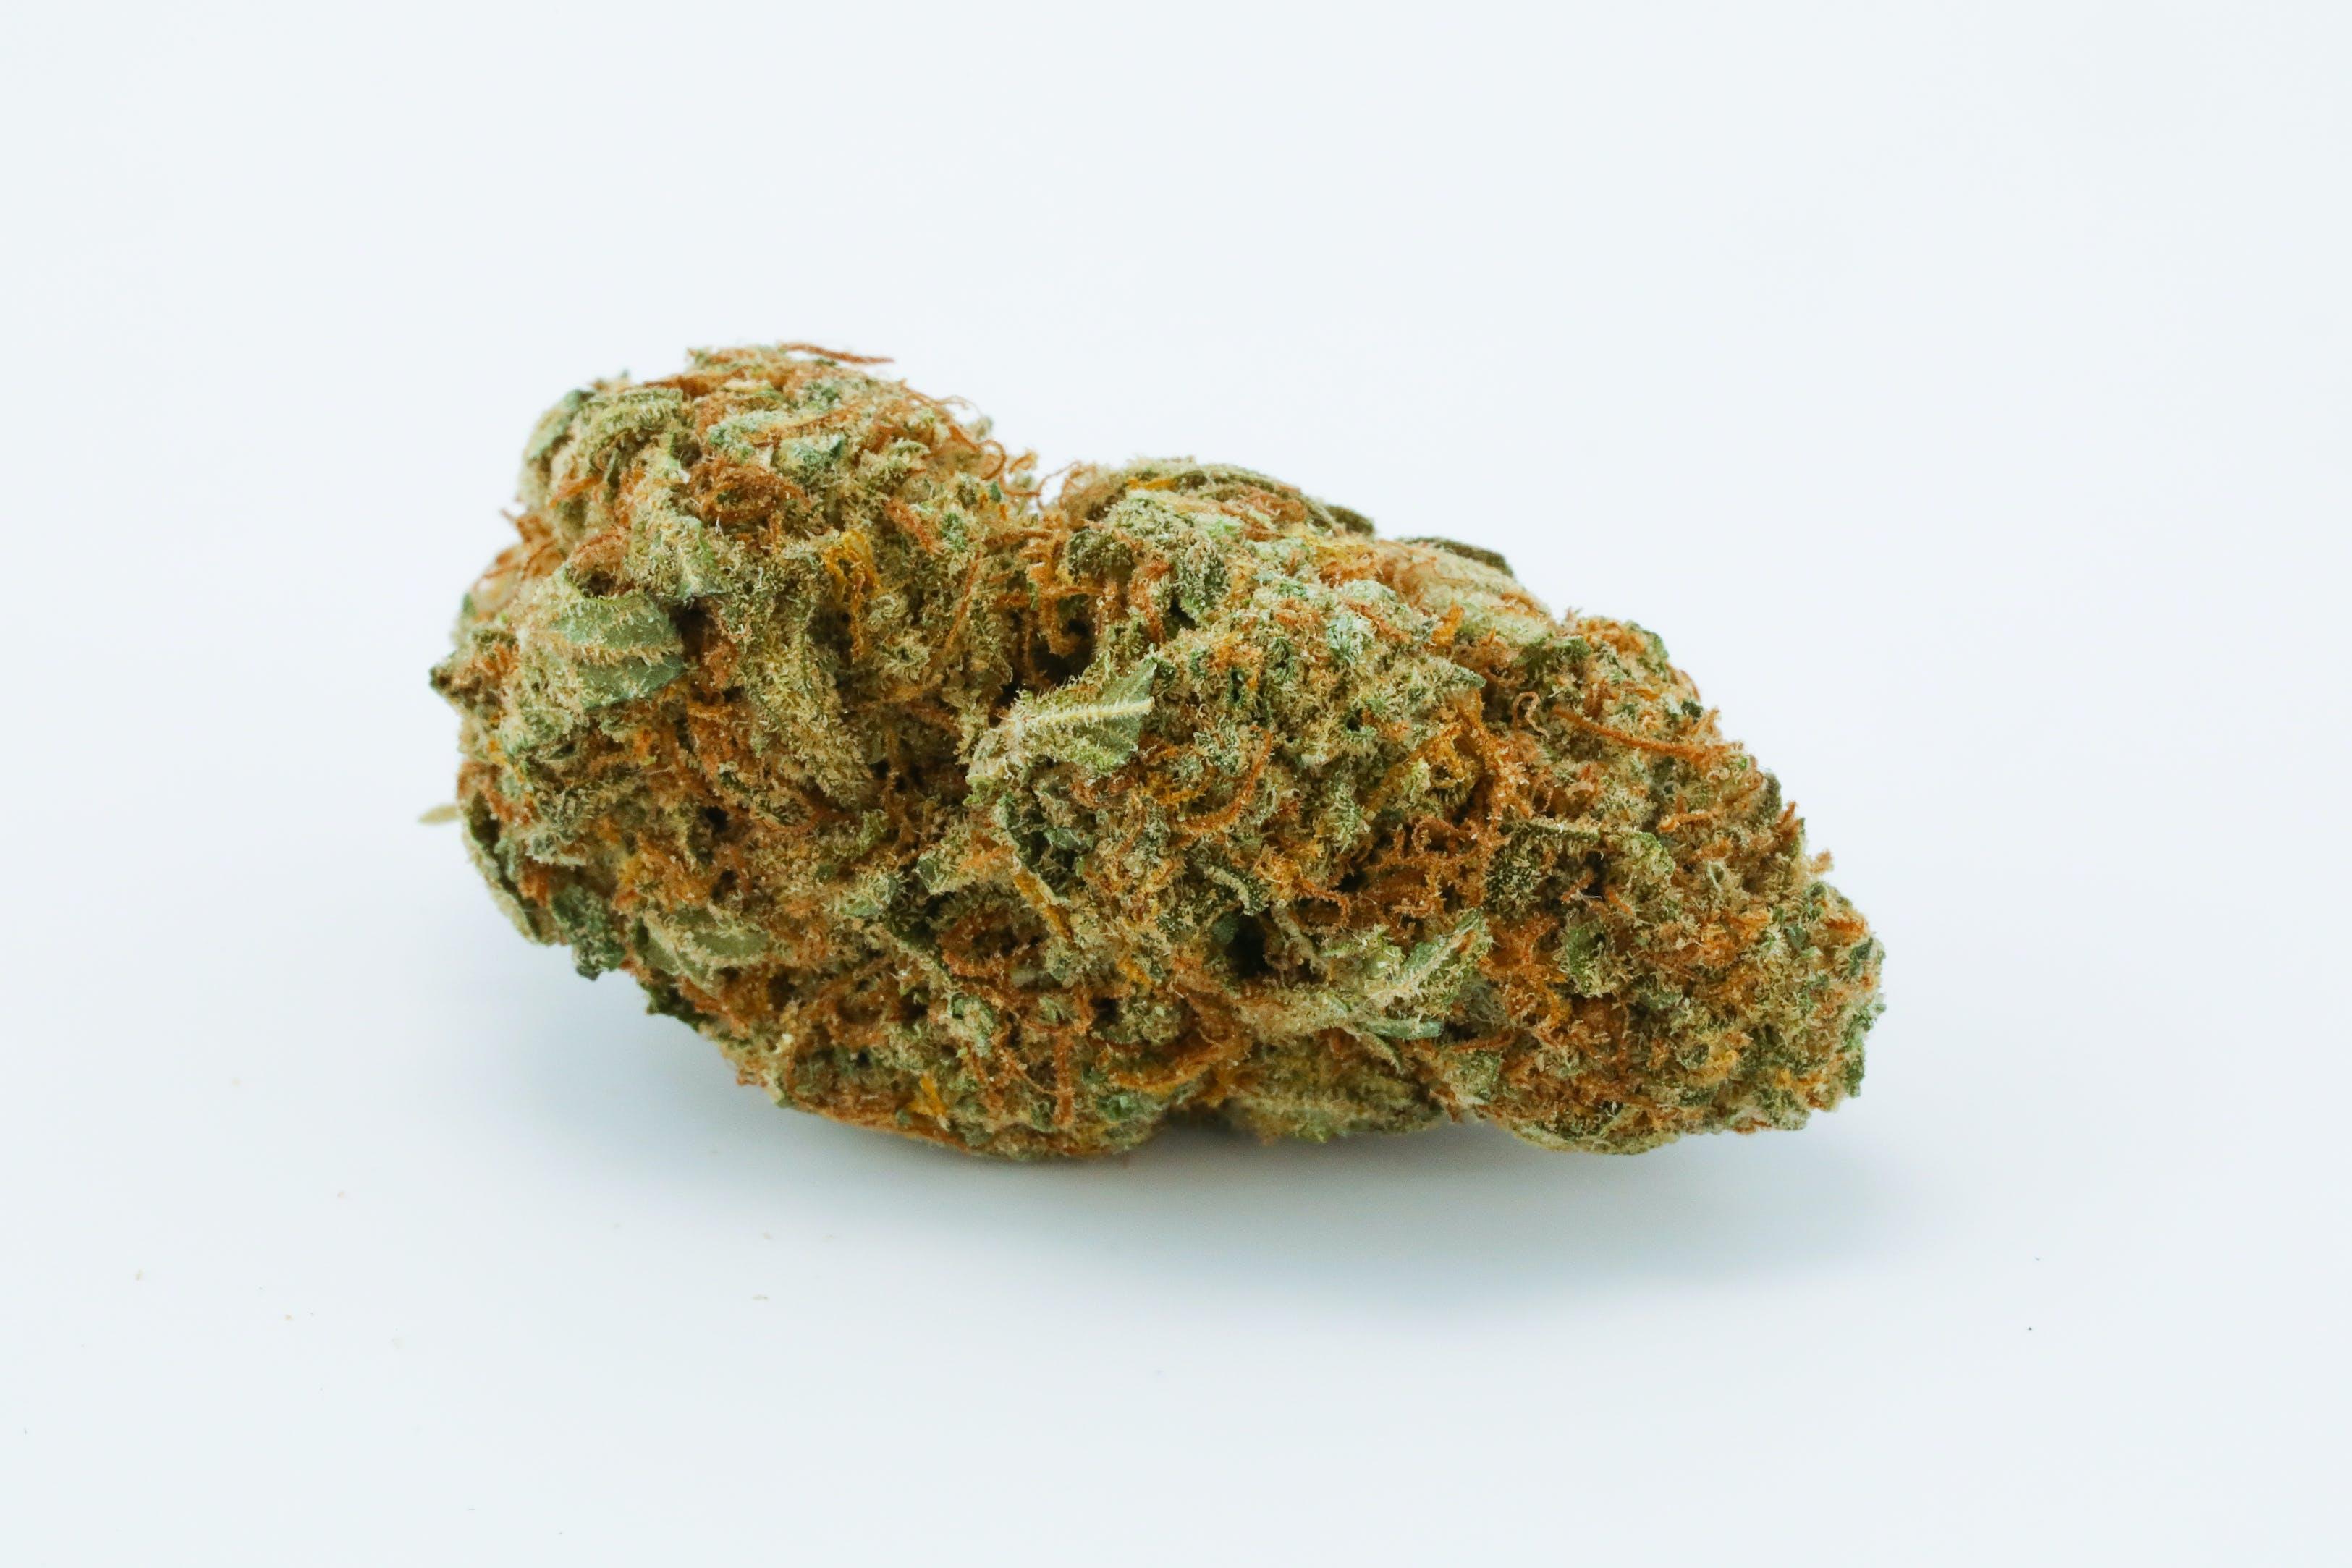 Humboldt Snow Weed; Humboldt Snow Cannabis Strain; Humboldt Snow Hybrid Marijuana Strain